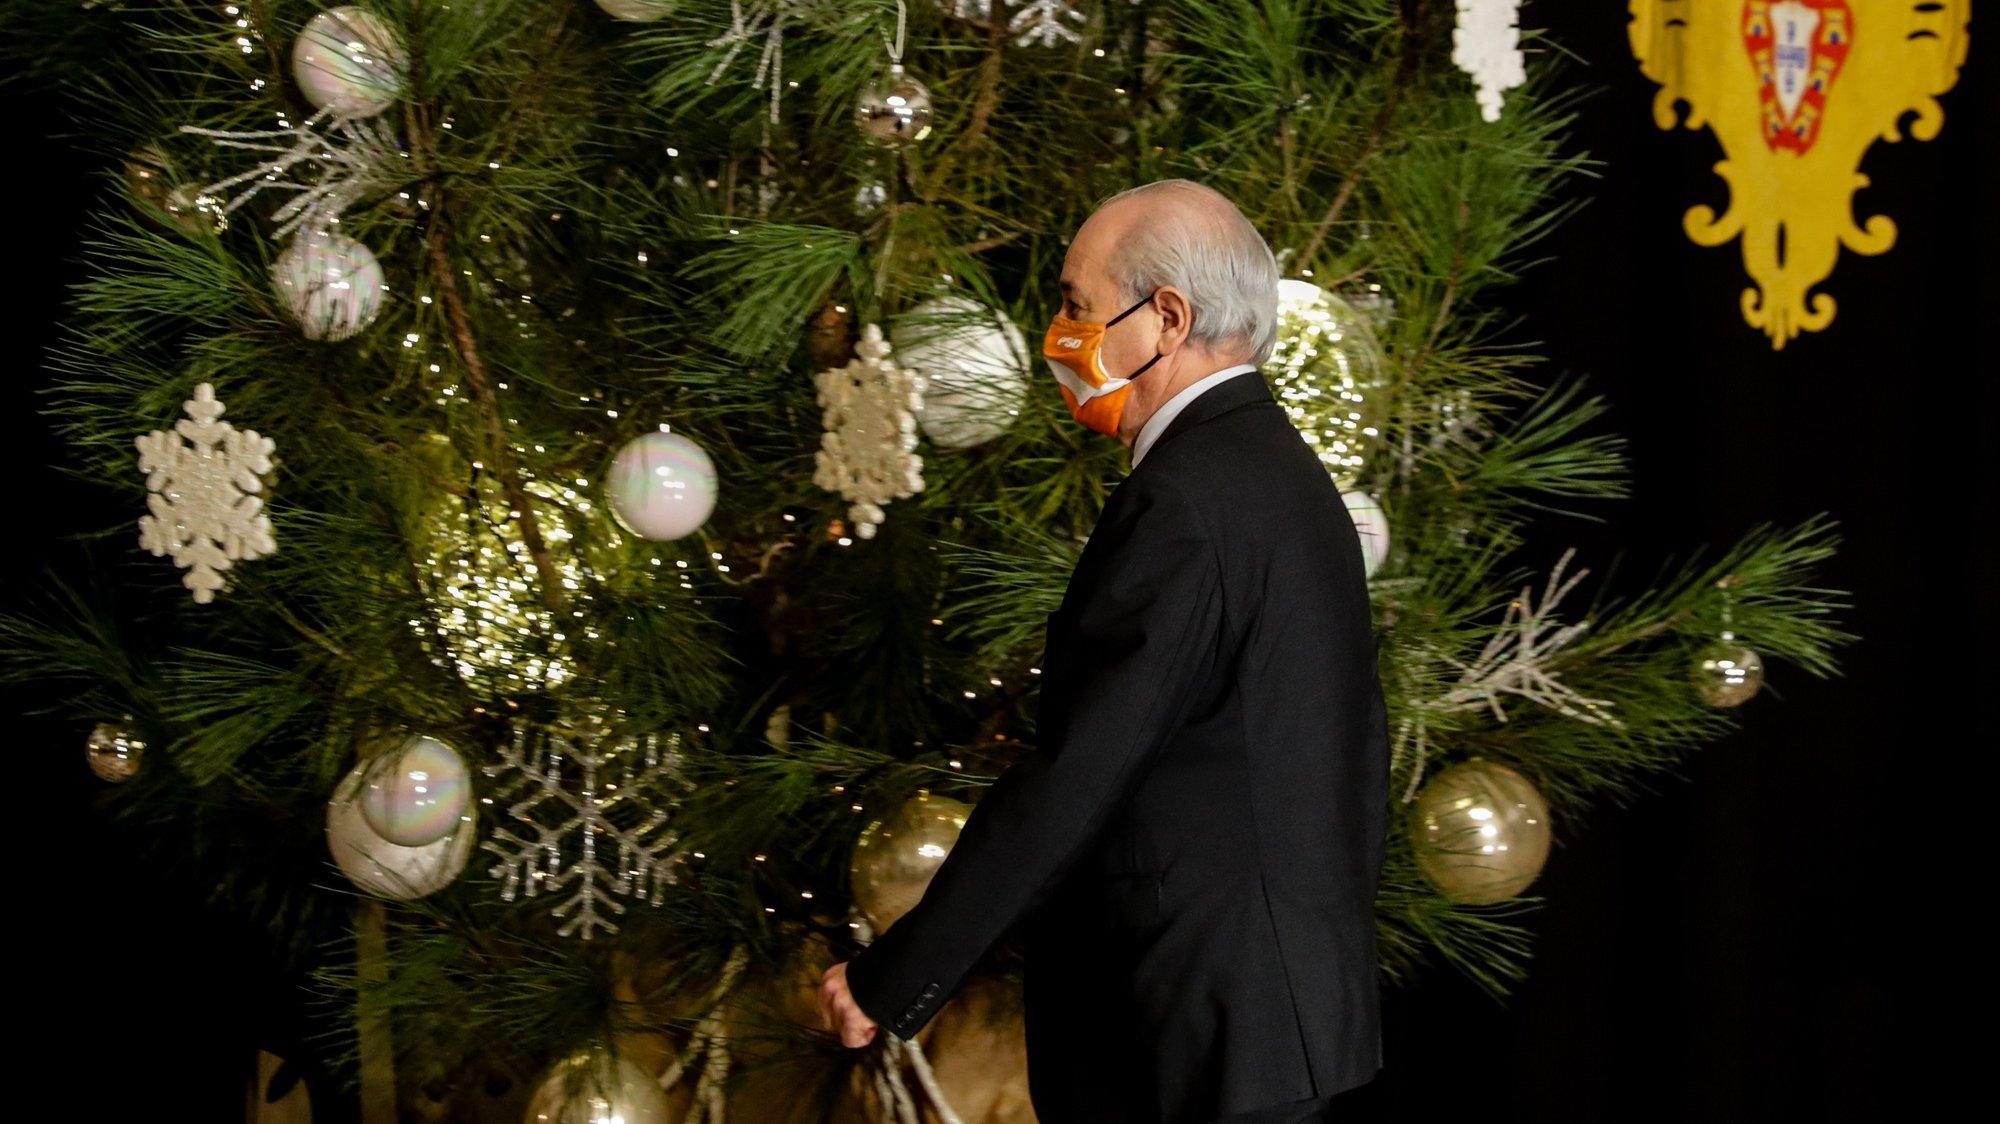 O presidente do Partido Social Democtara (PSD), Rui Rio, à chegada para uma audiência com o Presidente da República, Marcelo Rebelo de Sousa (ausente da fotografia), sobre a renovação do estado de emergência, no Palácio de Belém, em Lisboa, 16 de dezembro de 2020. TIAGO PETINGA/LUSA